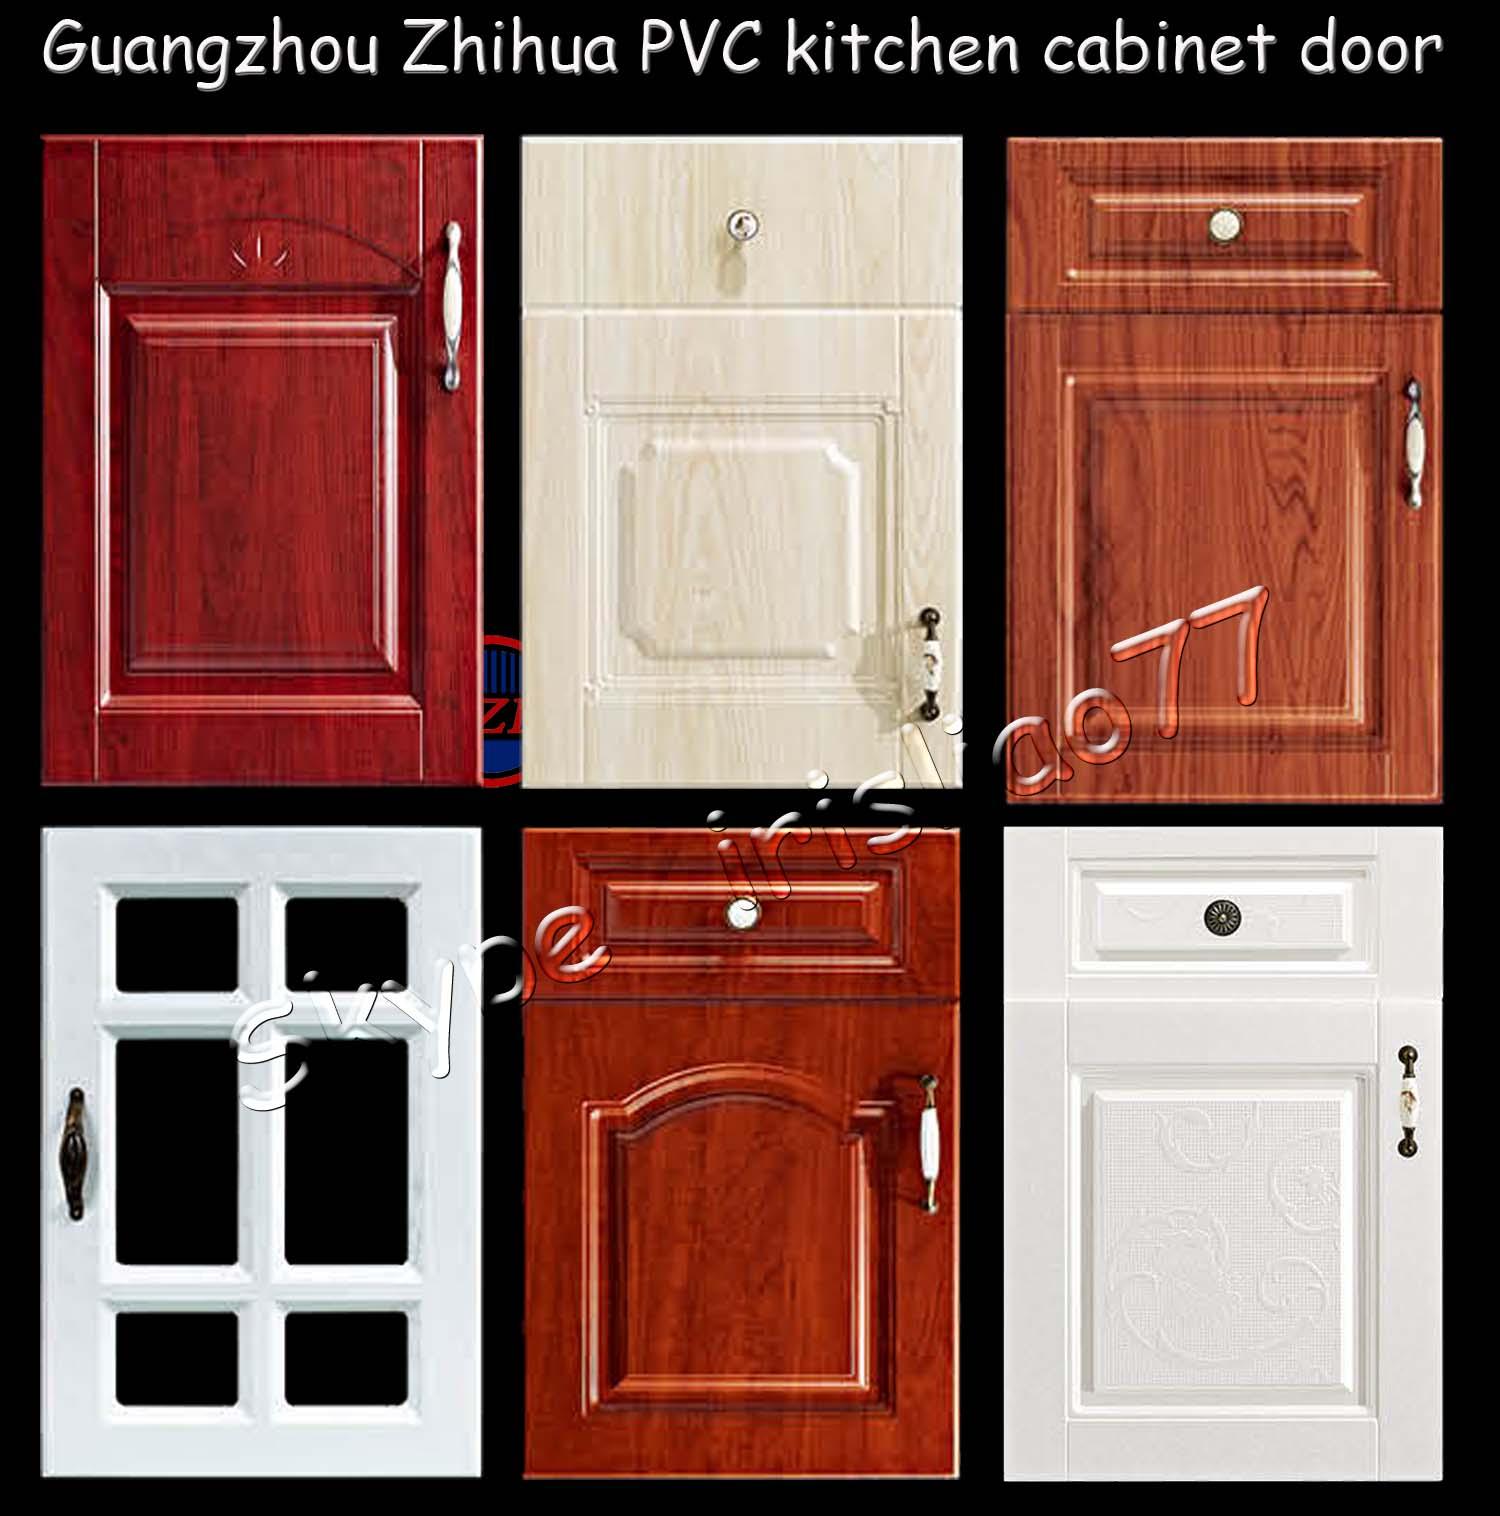 Puertas de cocina pvc el dise o de la for Puertas vaiven para cocina